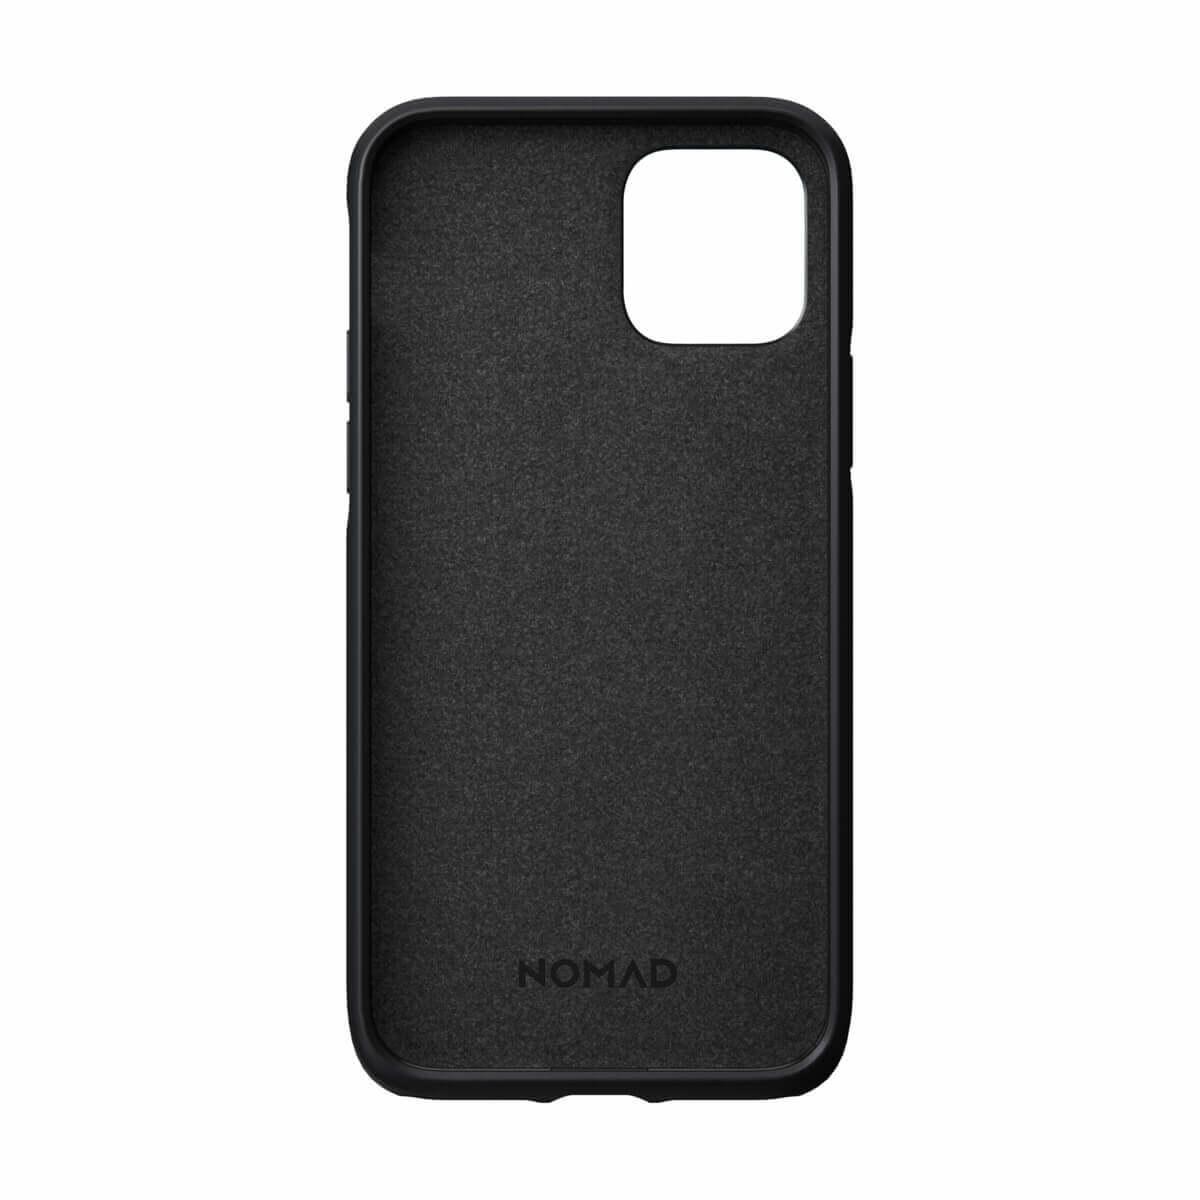 Nomad Leather Rugged Waterproof Case — кожен (естествена кожа) кейс за iPhone 11 Pro (черен) - 5